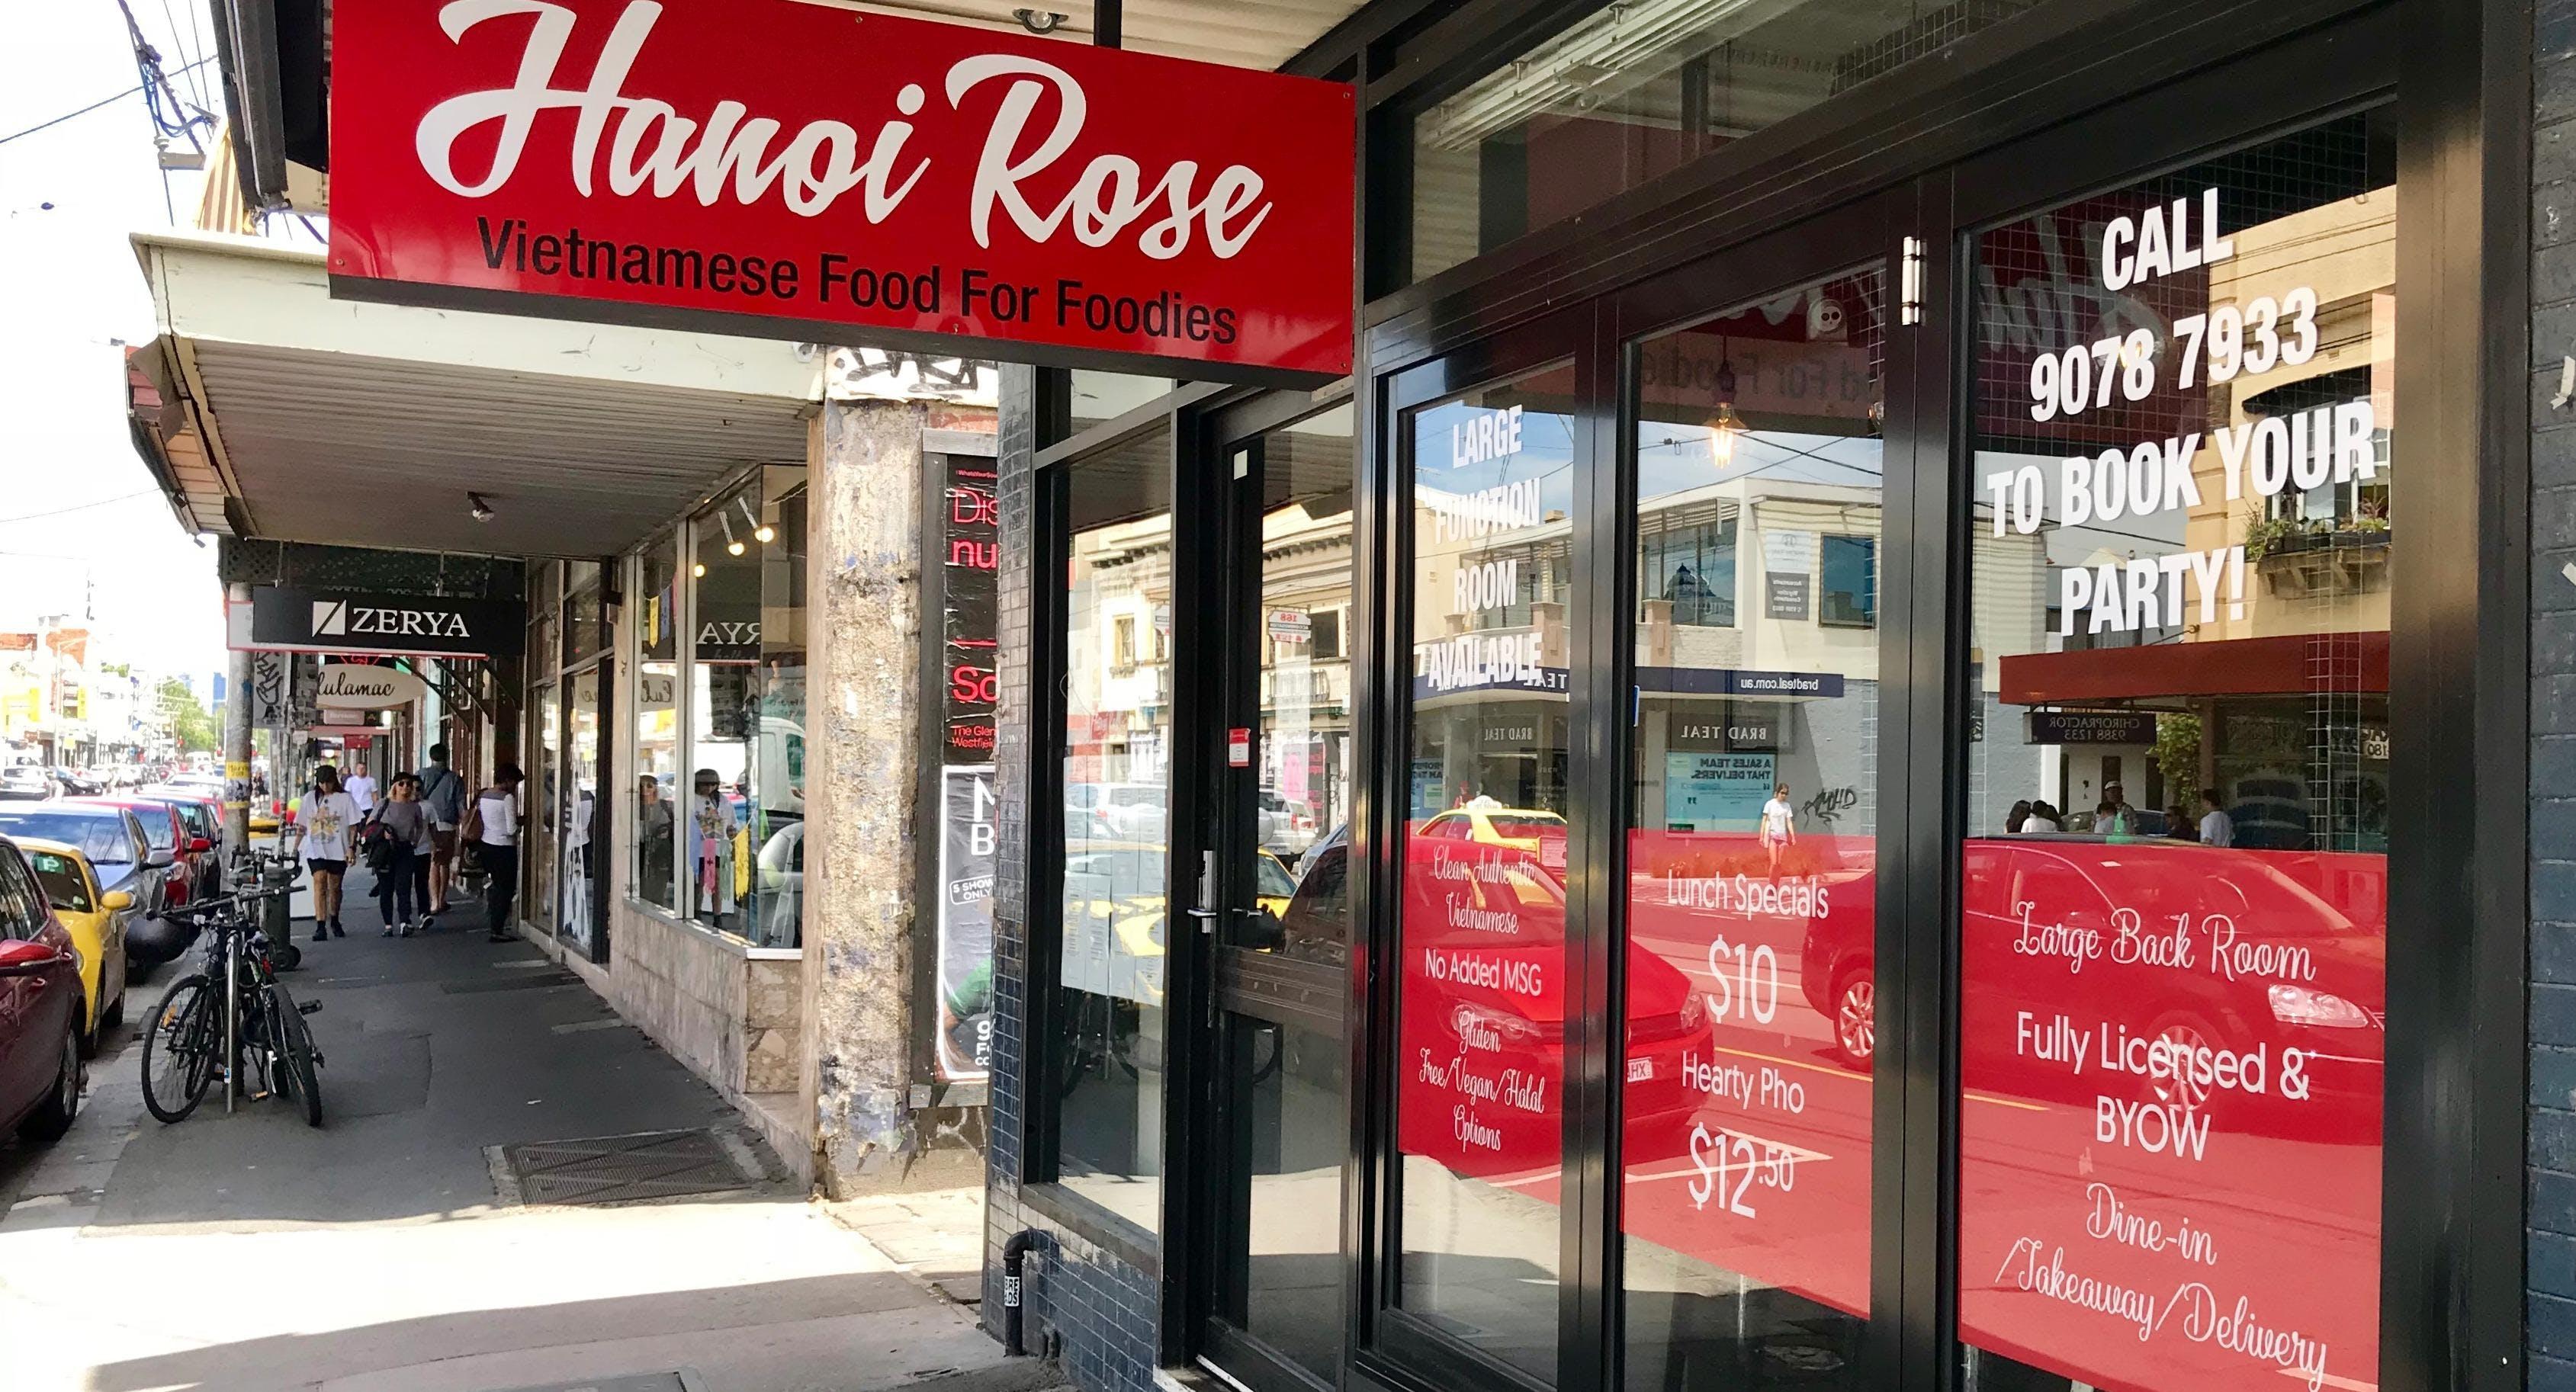 Hanoi Rose Melbourne image 2